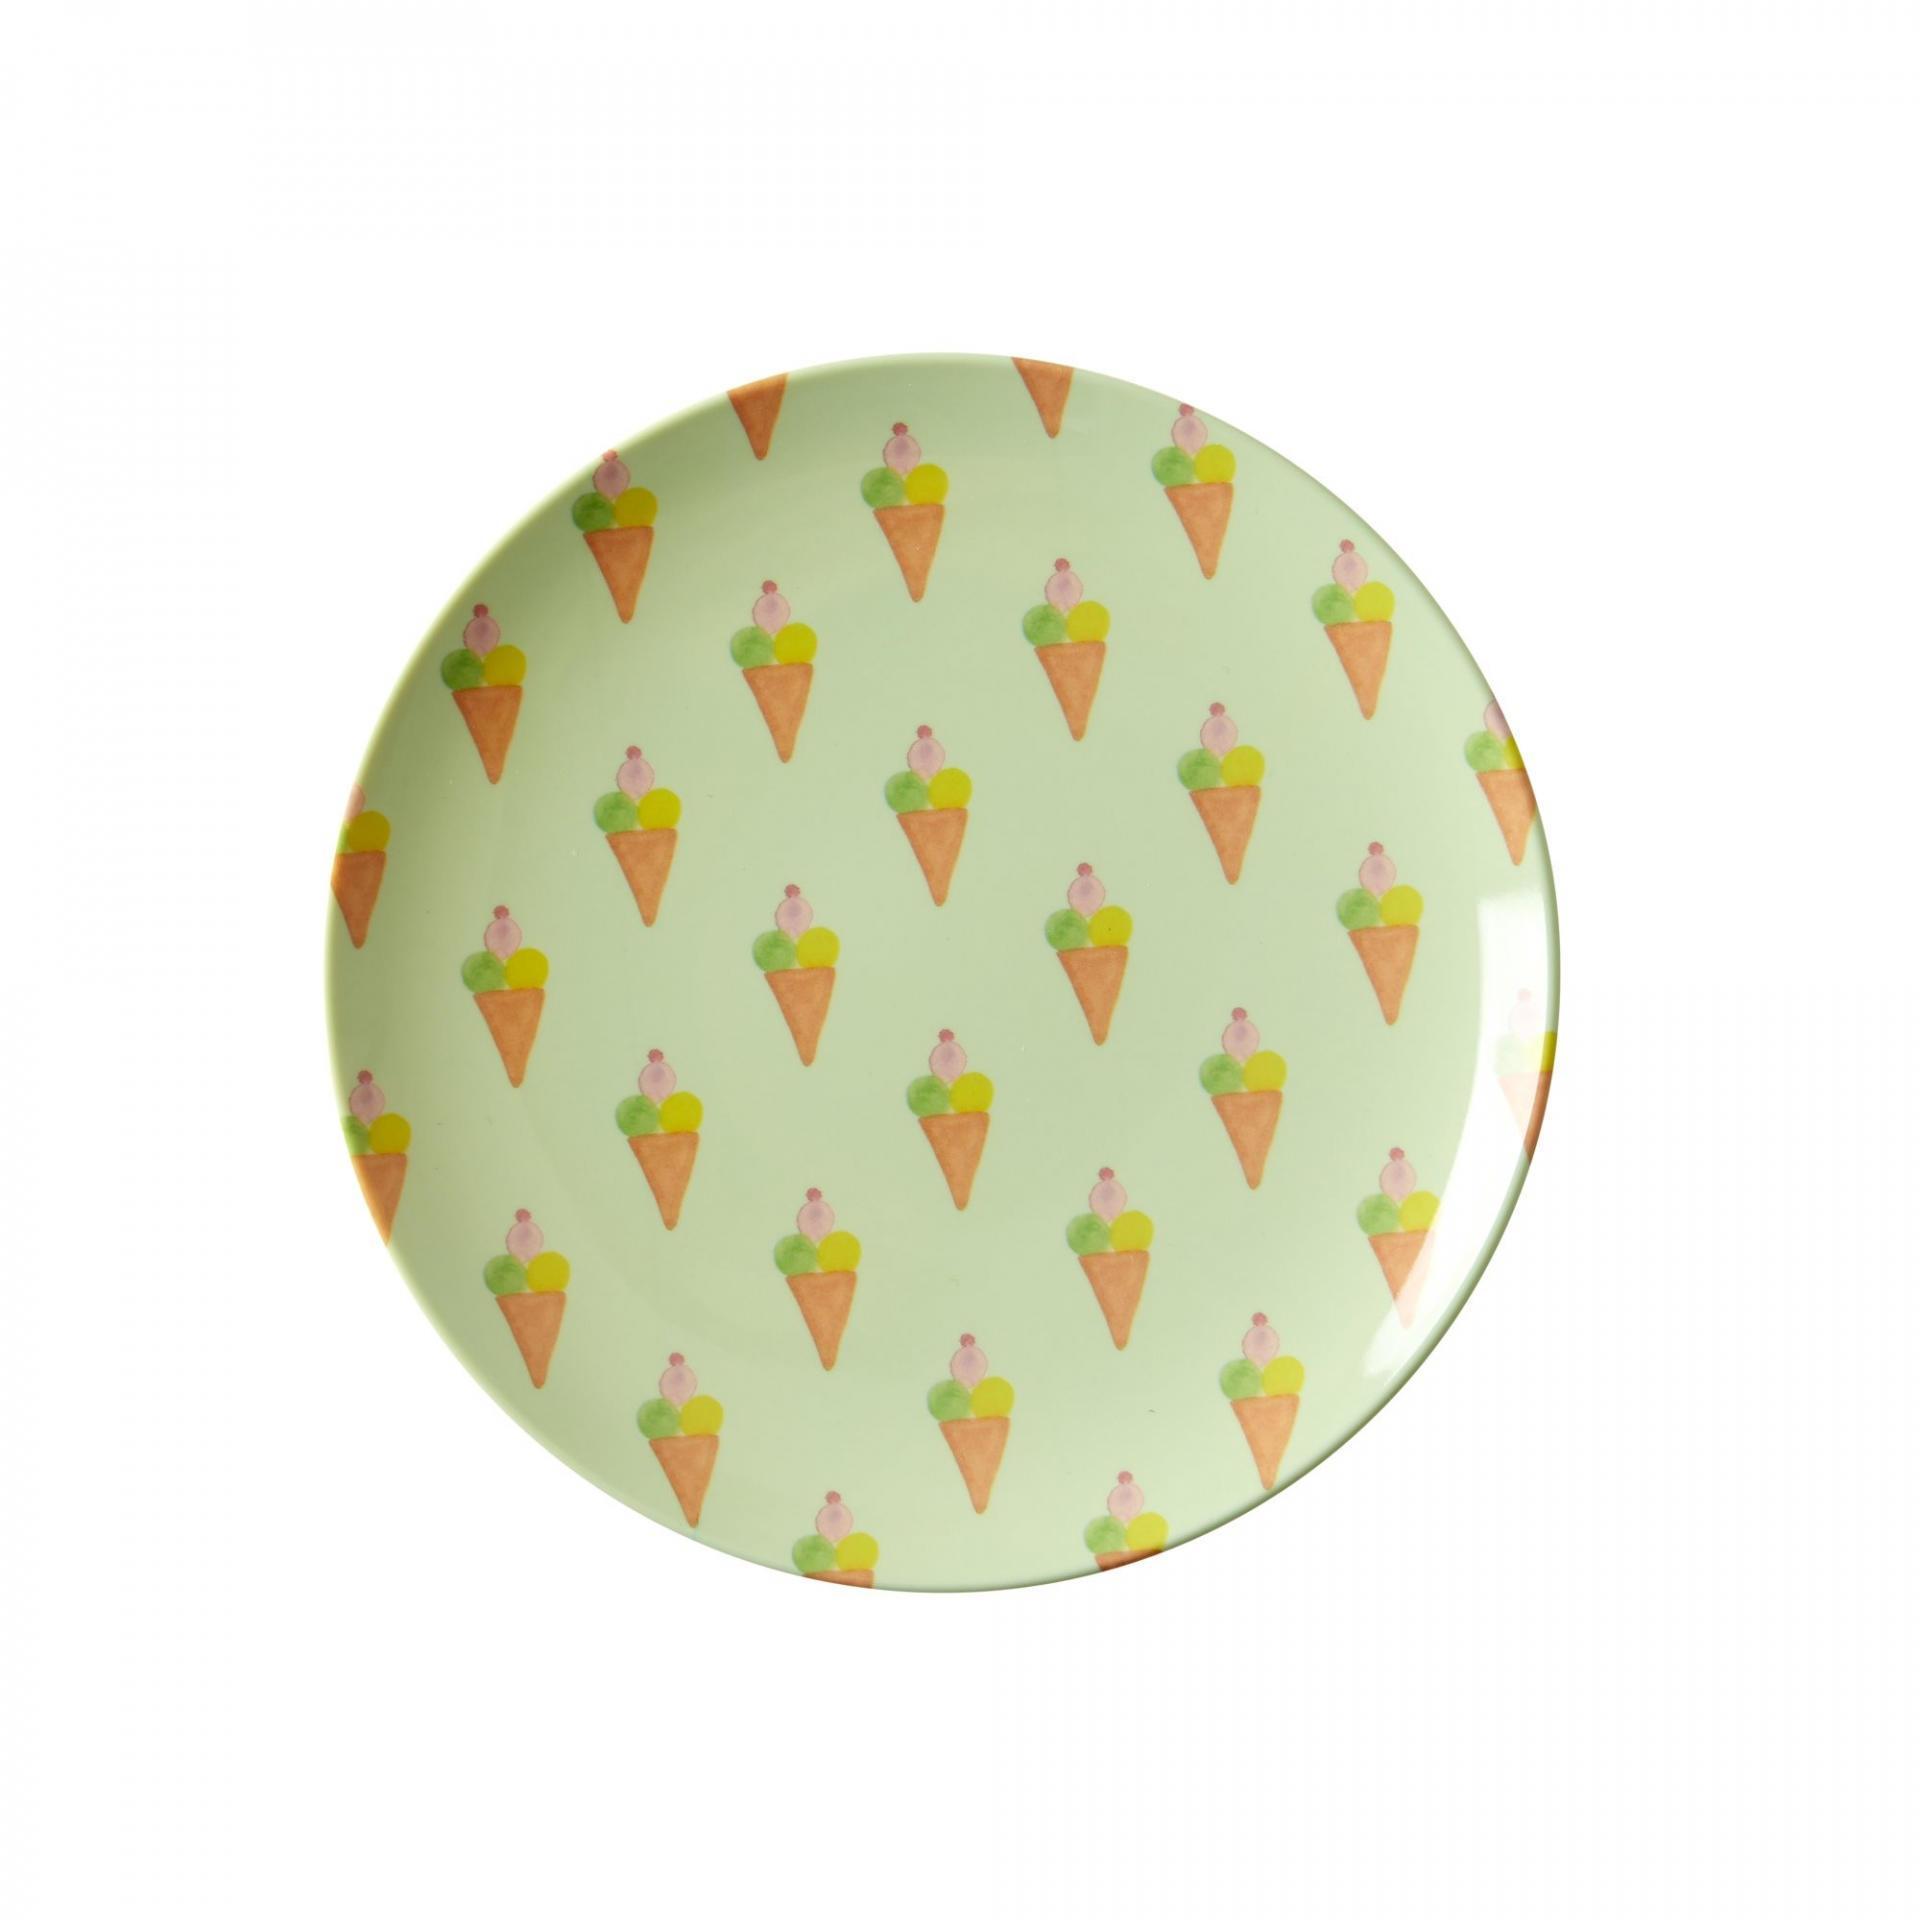 rice Melaminový talířek Ice Cream, zelená barva, oranžová barva, melamin